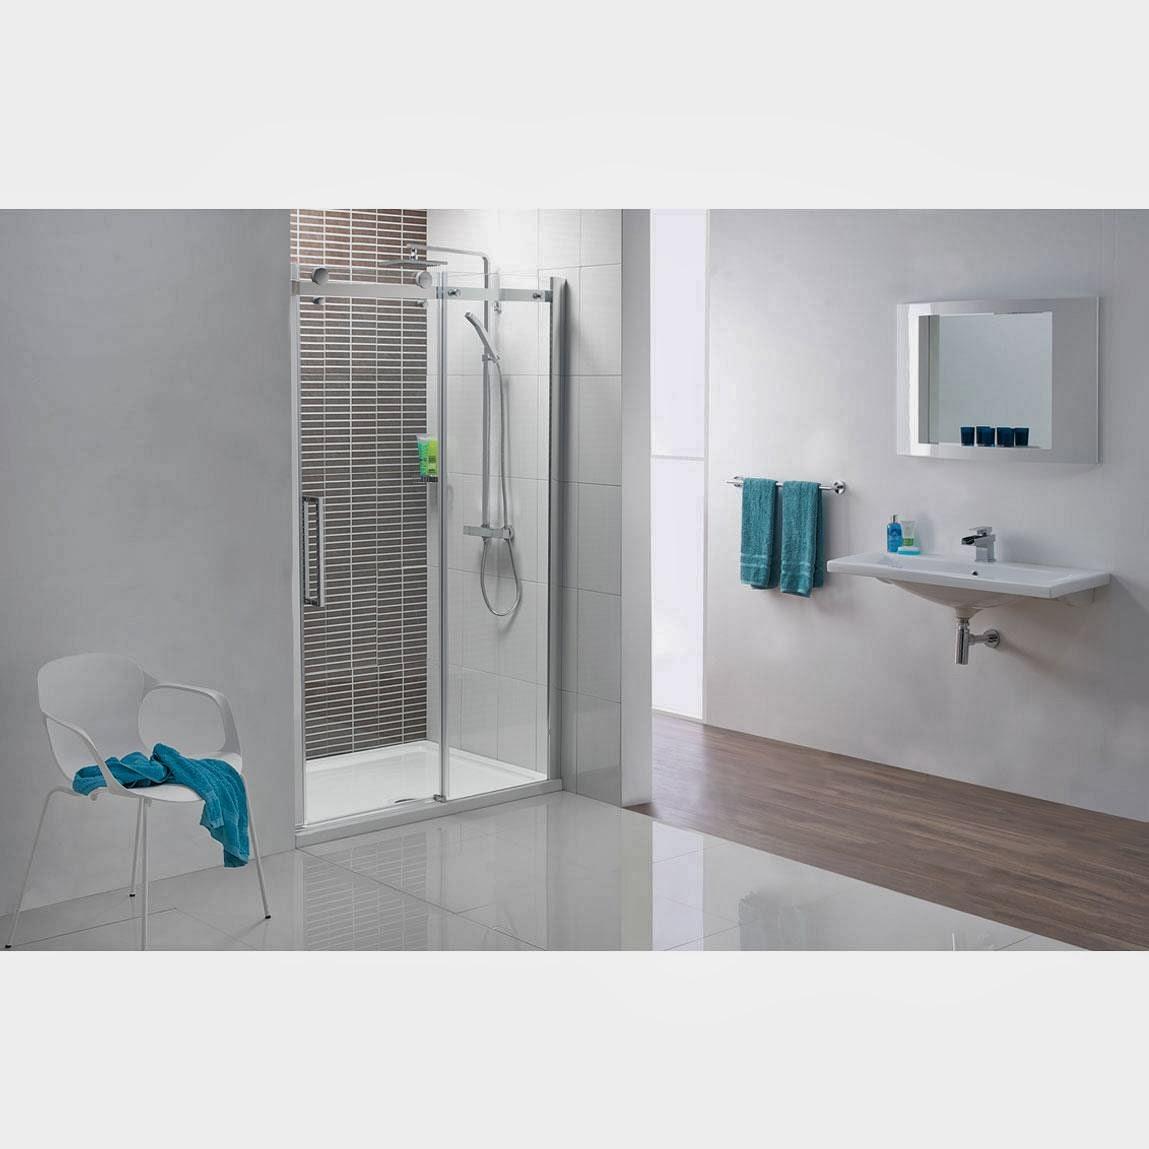 Box para Banheiro em Salvador Dicas e muitos mais Daimond Vidros  #2D6E80 1149x1149 Banheiro Container Salvador